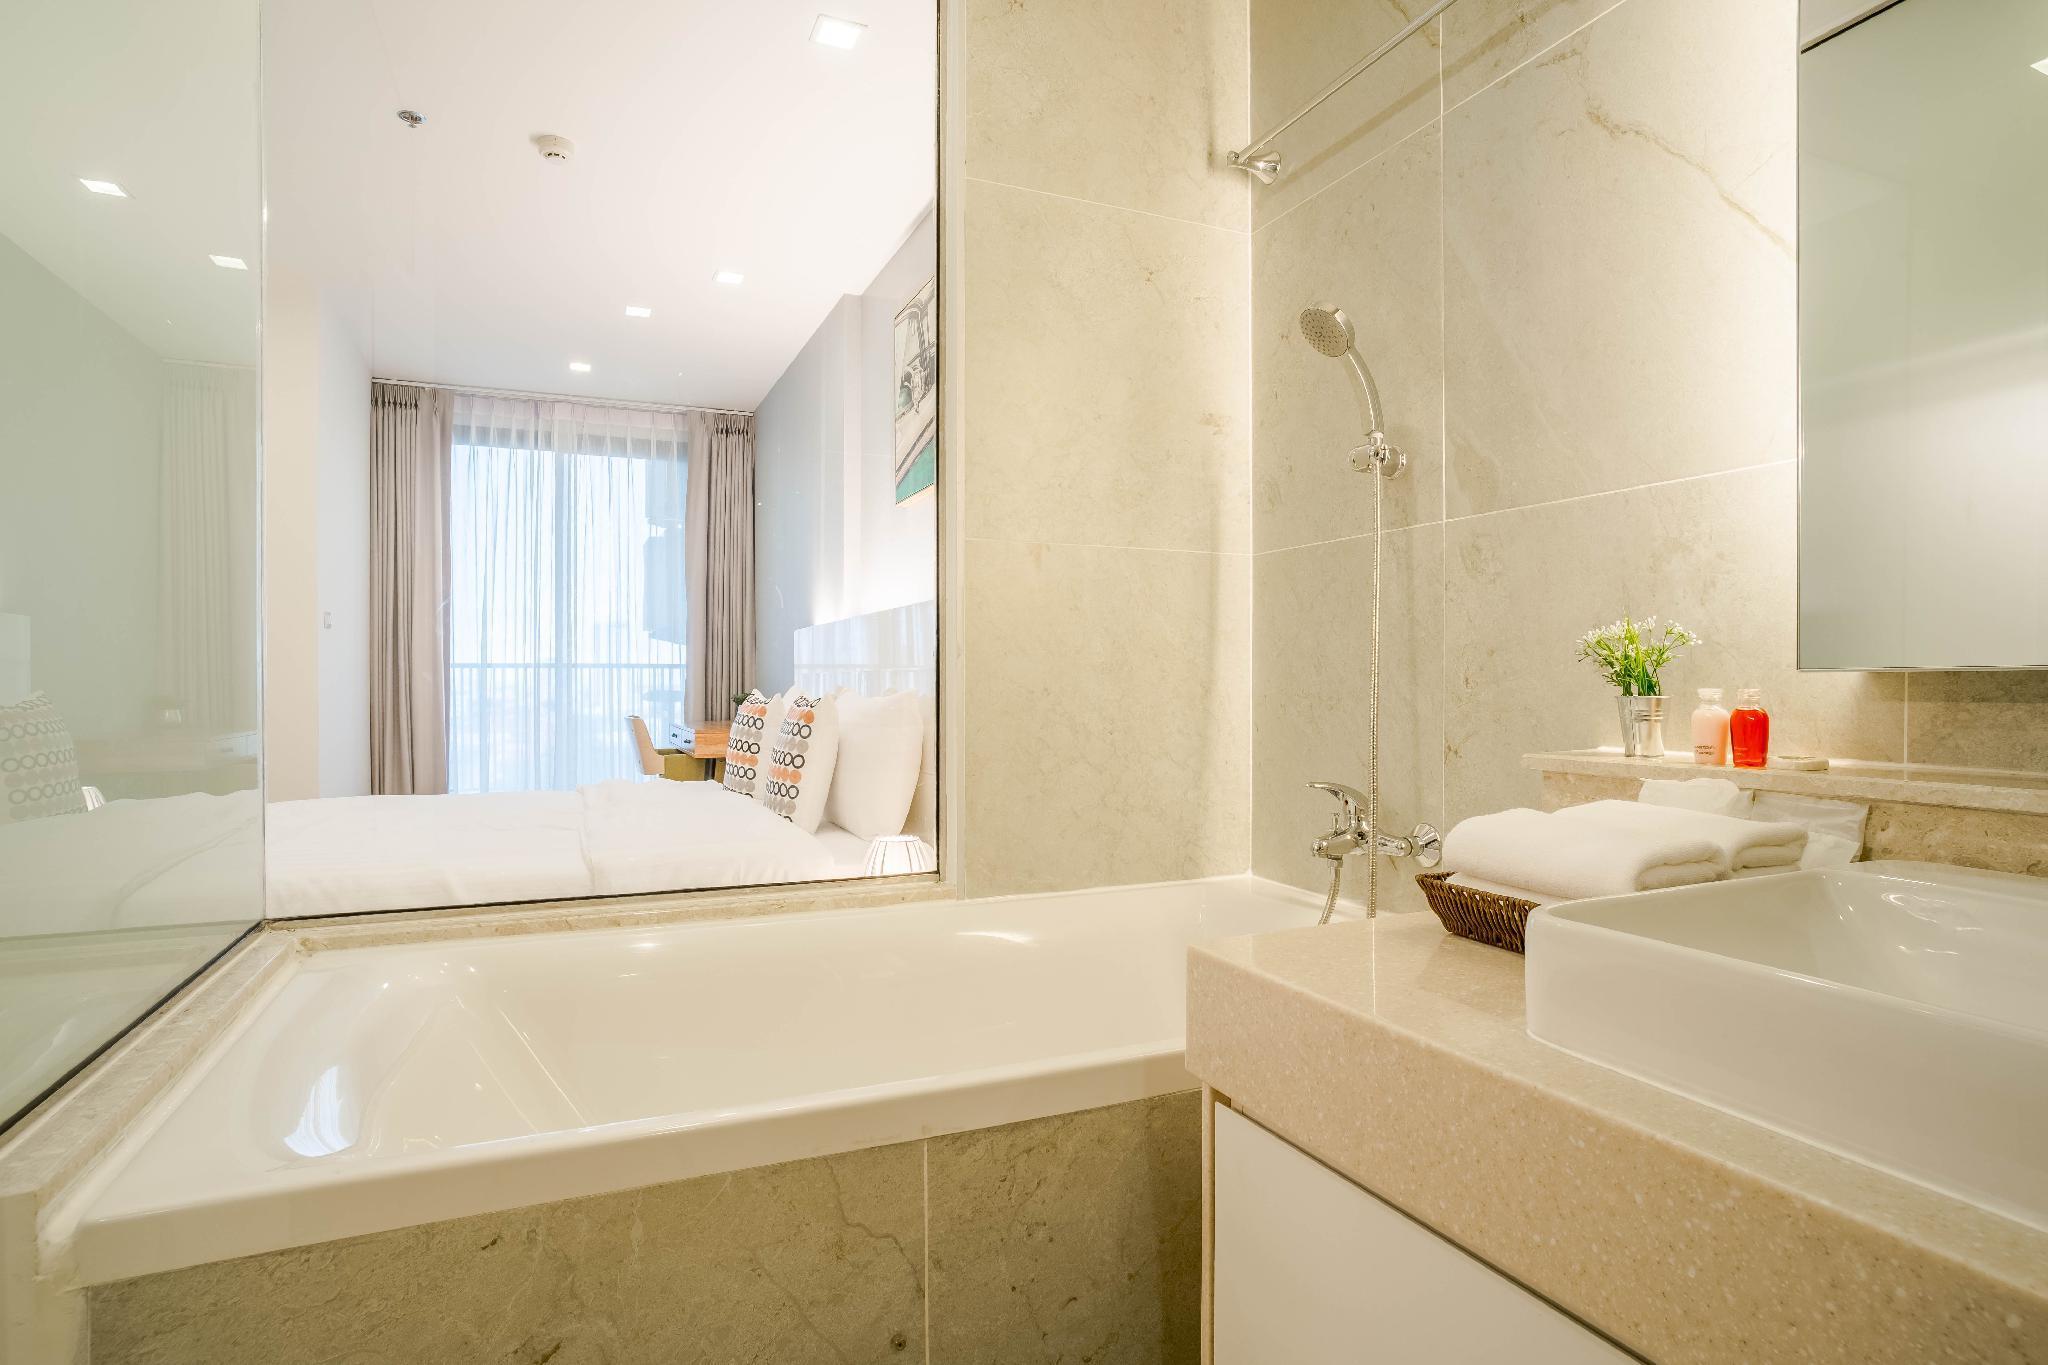 ,อพาร์ตเมนต์ 1 ห้องนอน 1 ห้องน้ำส่วนตัว ขนาด 51 ตร.ม. – ช้างคลาน